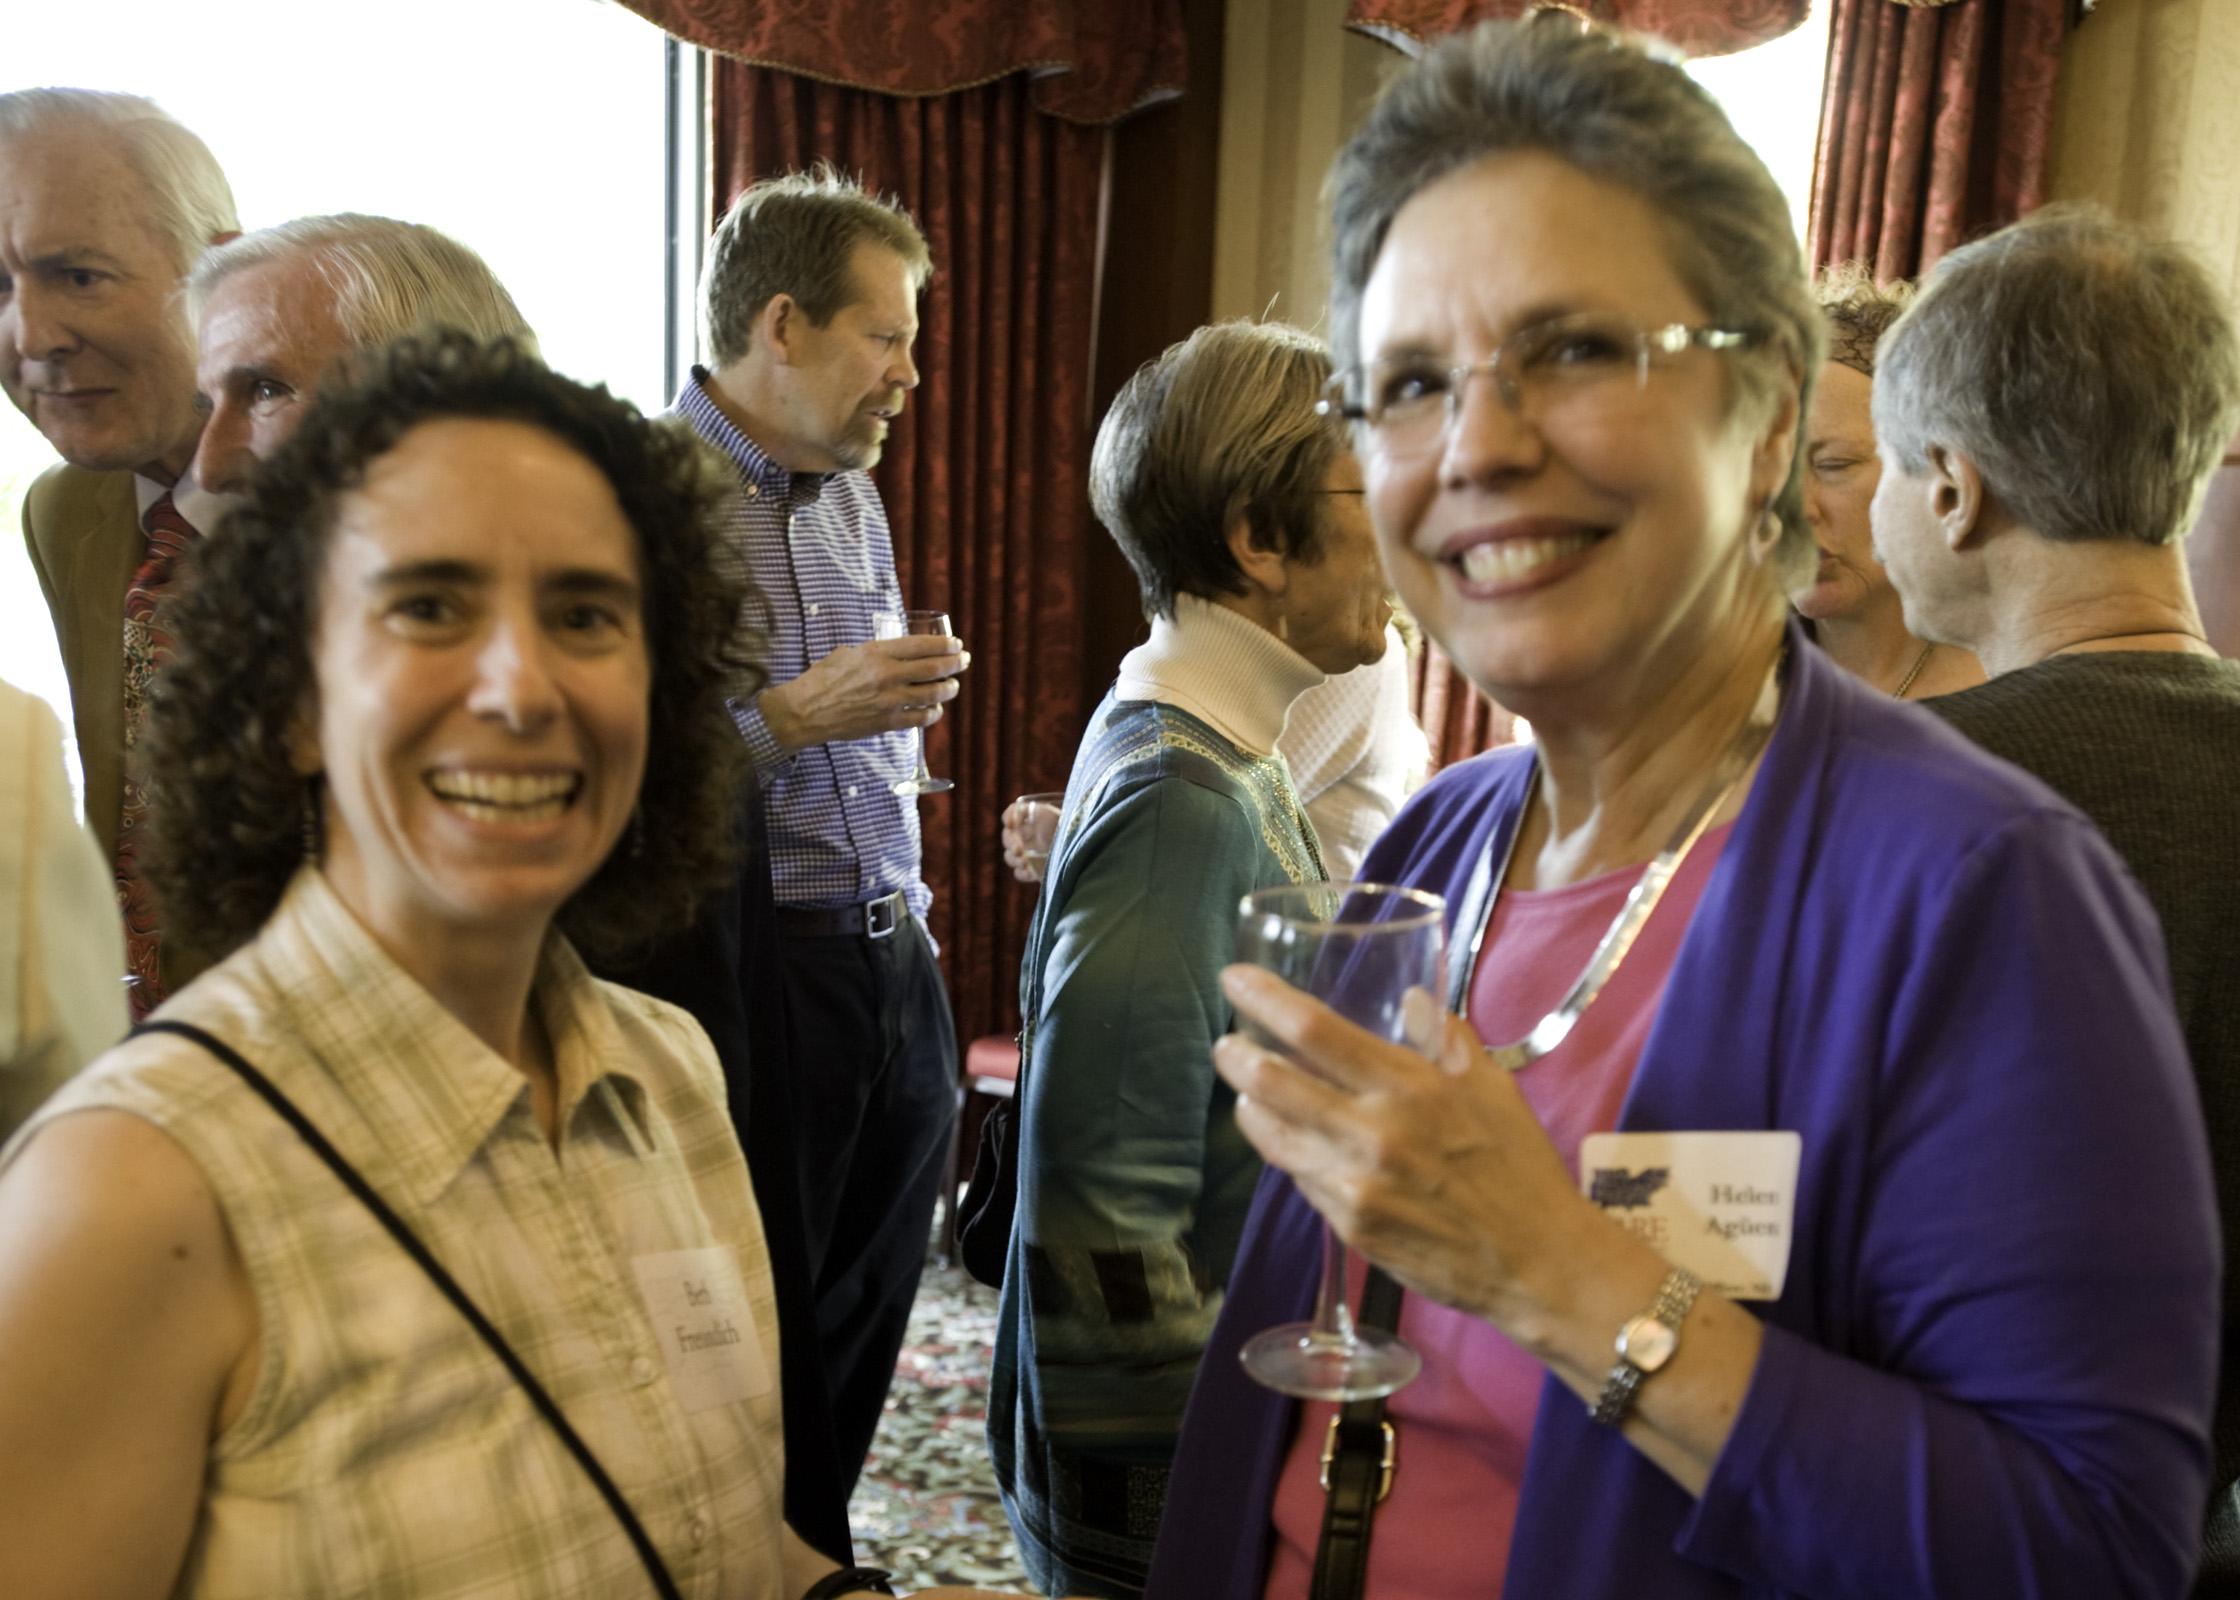 Beth Freundlich Helen Aguera 5x7 320 ppi DSC1011 0